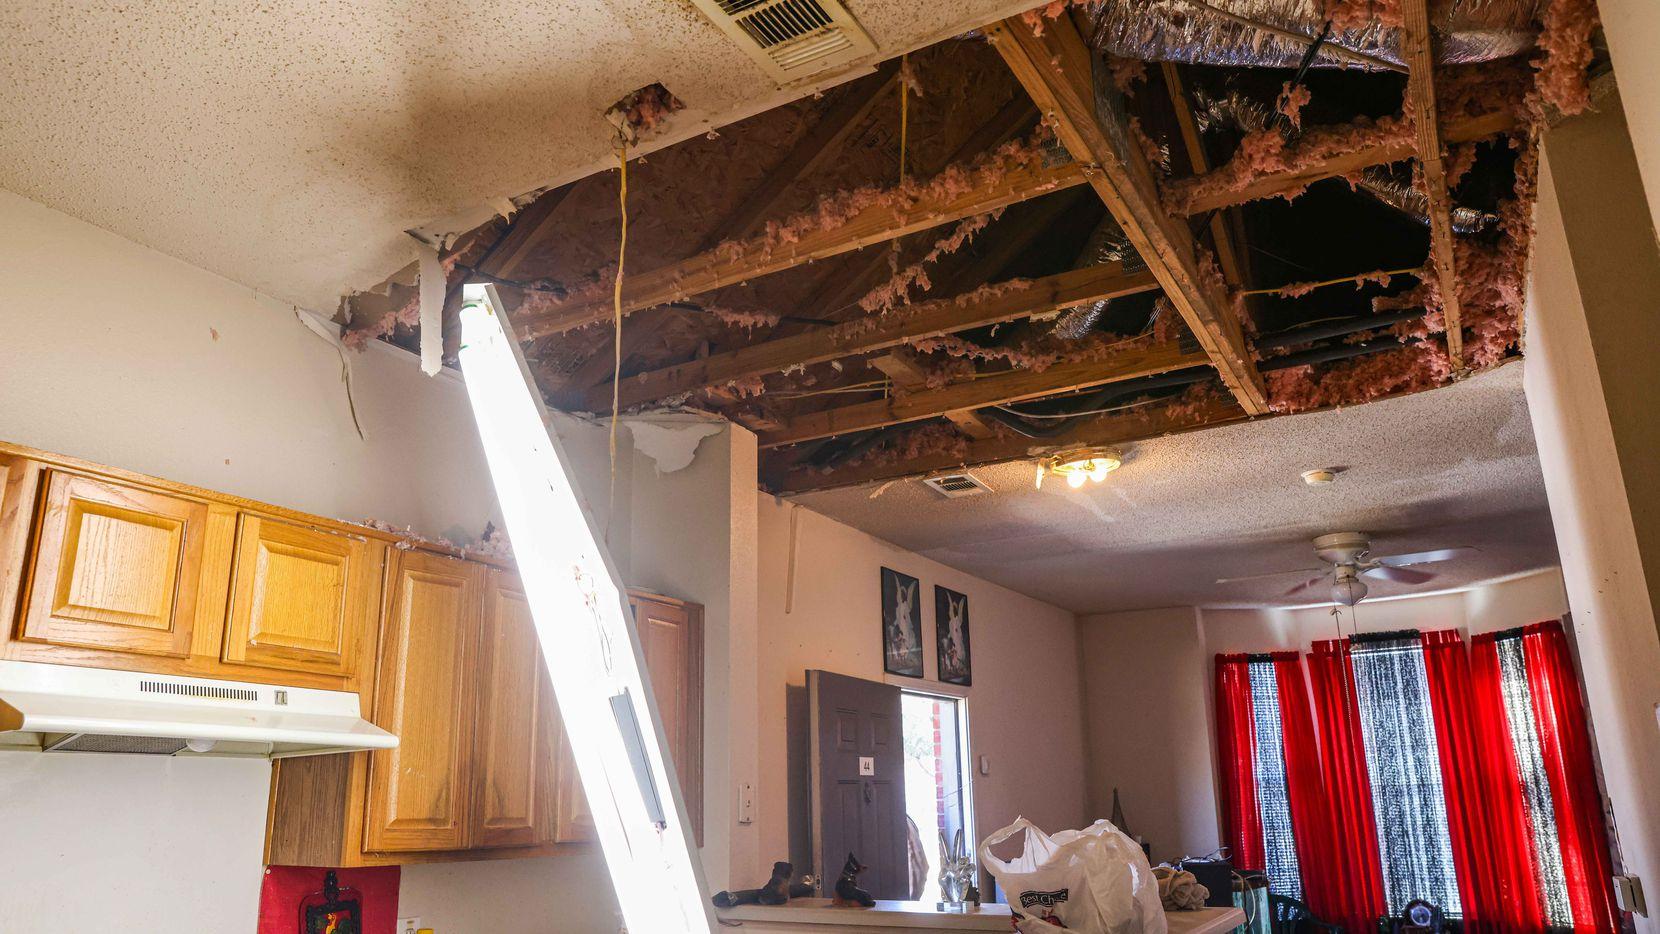 No acepte pagar por adelantado cuando requiera hacer reparaciones luego de un desastre como la tormenta invernal de febrero.